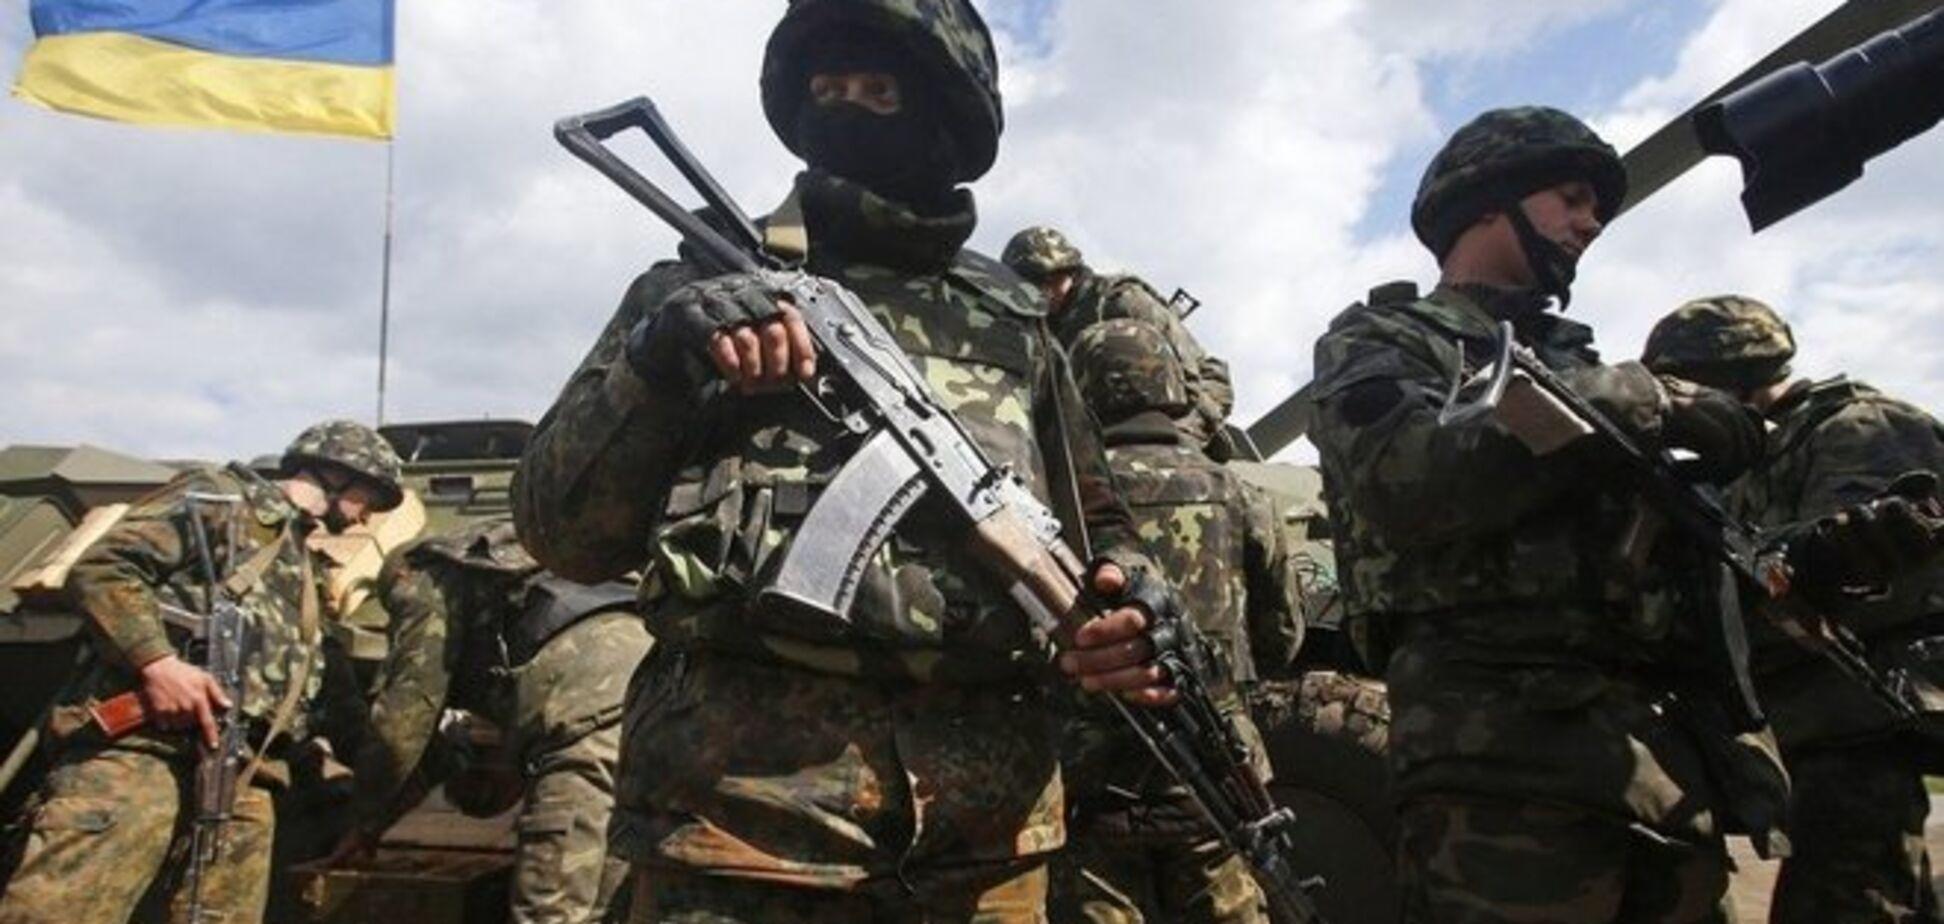 В Харьковском госпитале от ран скончался солдат 95 аэромобильной бригады